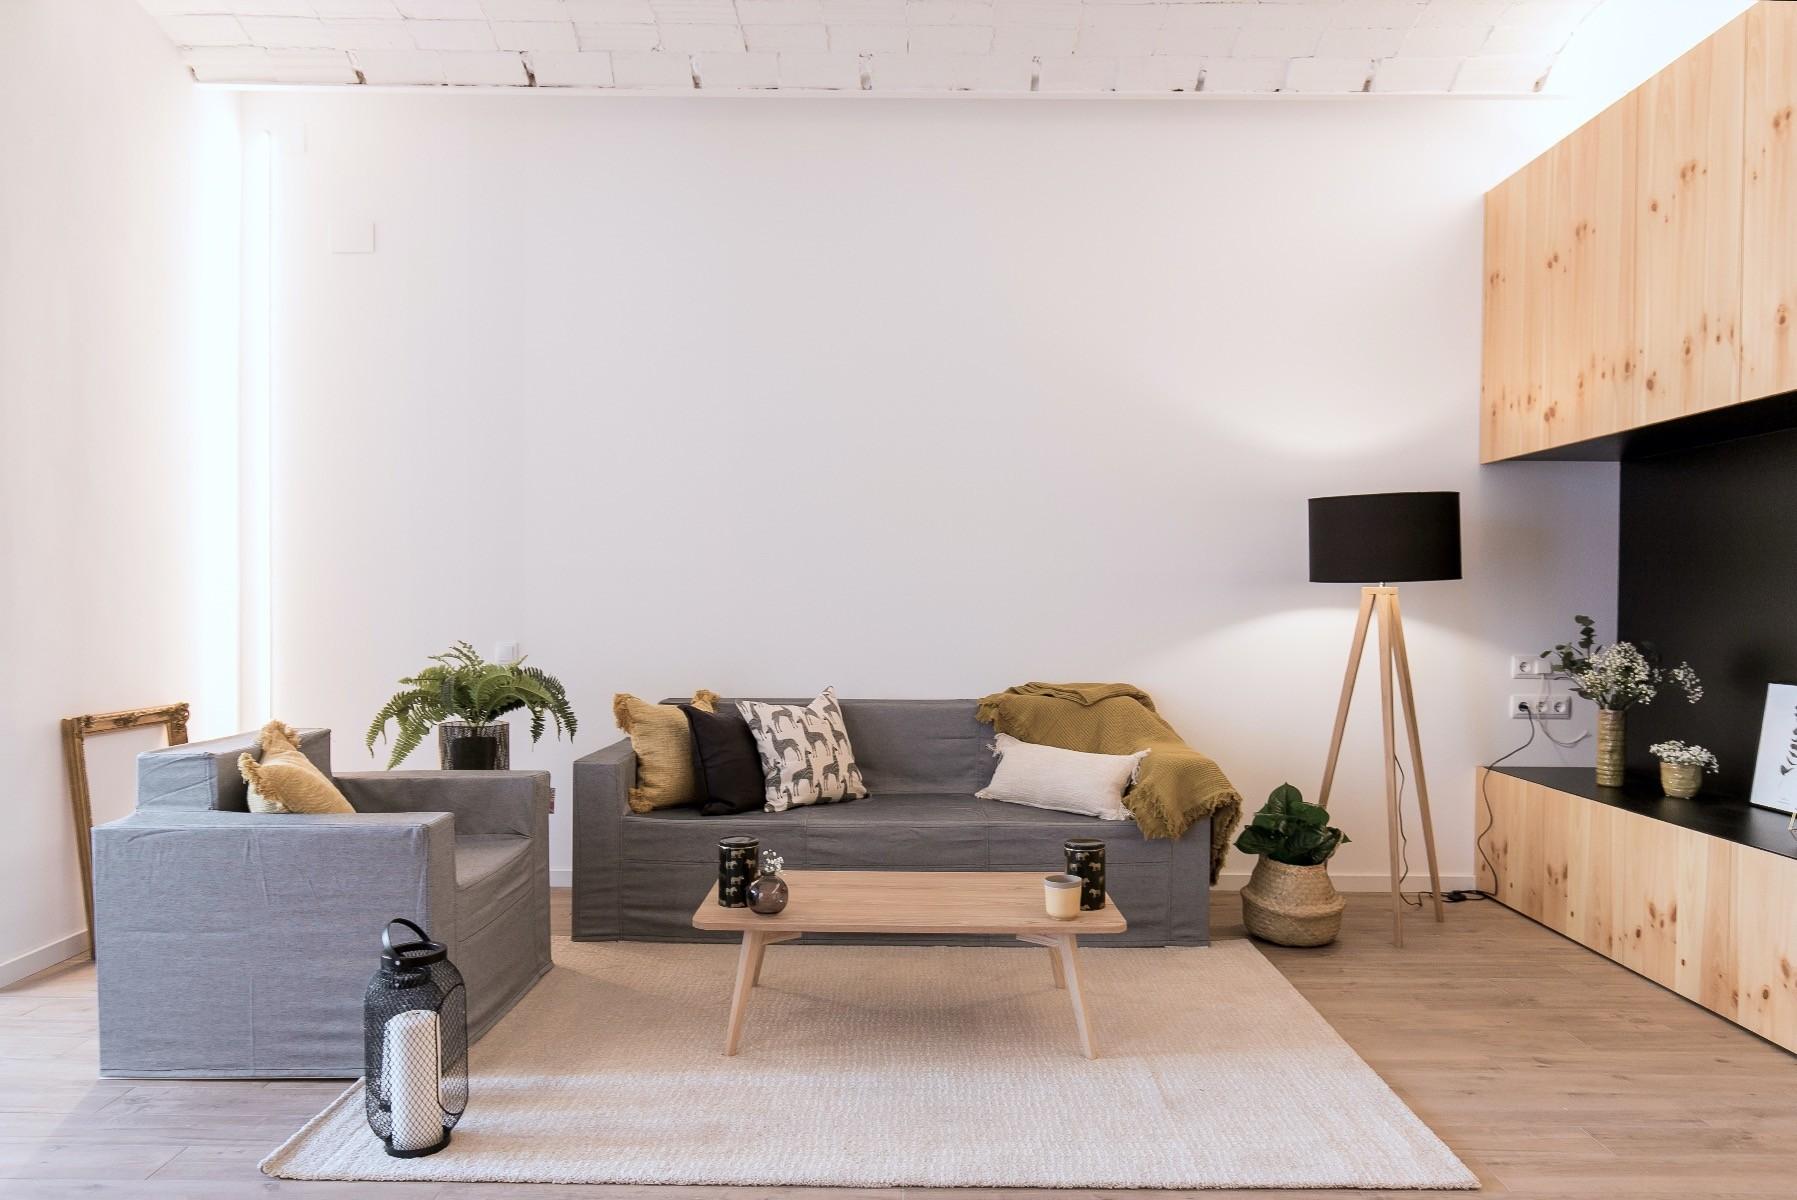 Cubiqz a Home BCN